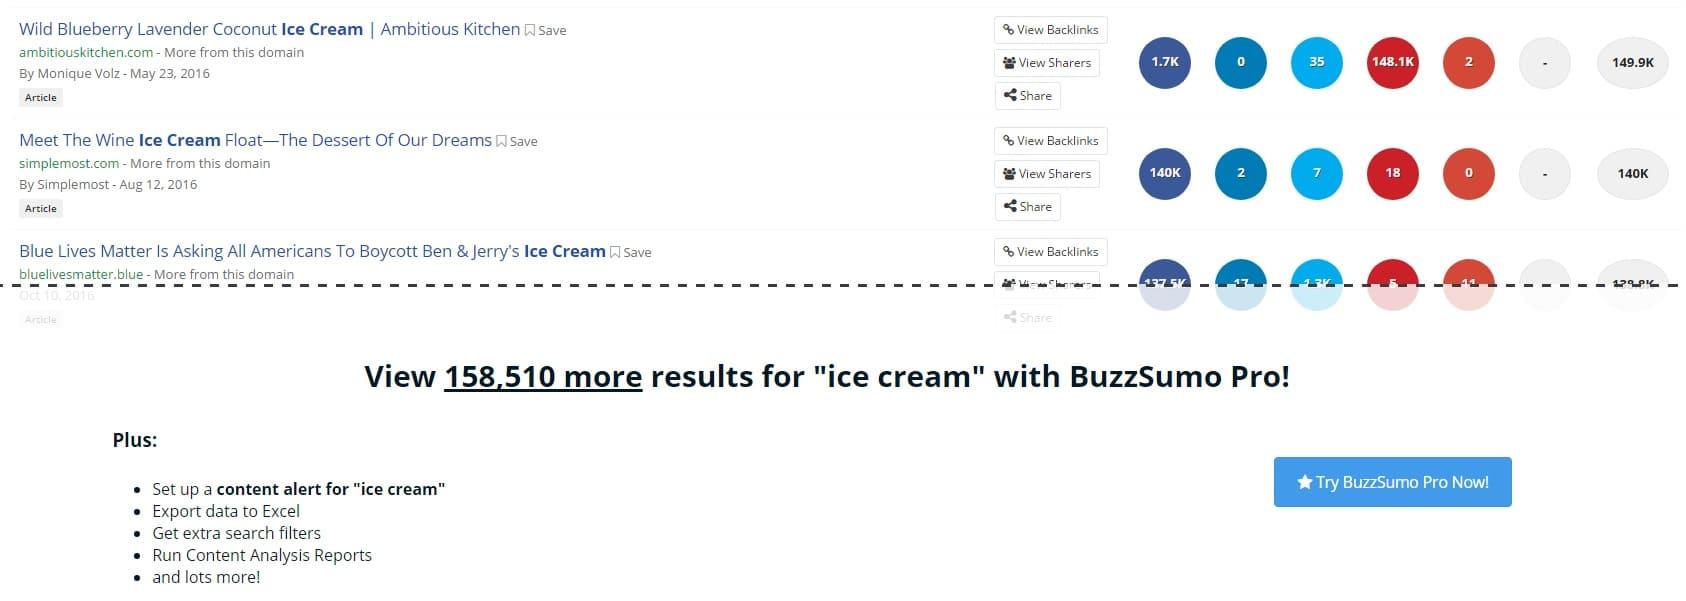 buzzsumo free